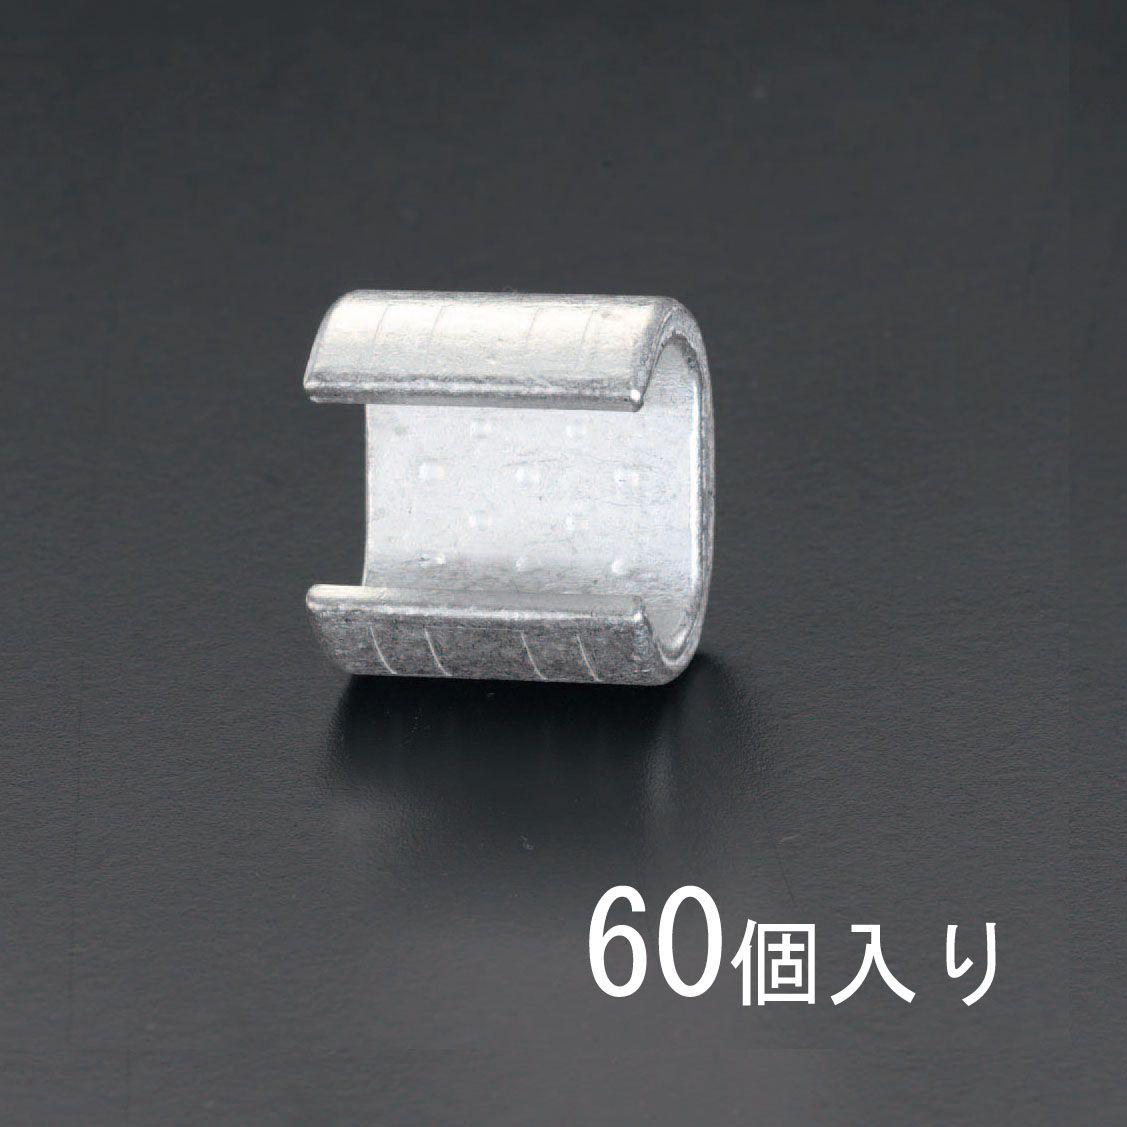 【メーカー在庫あり】 エスコ ESCO 123 - 154mm2 T形コネクター(60個) 000012027182 JP